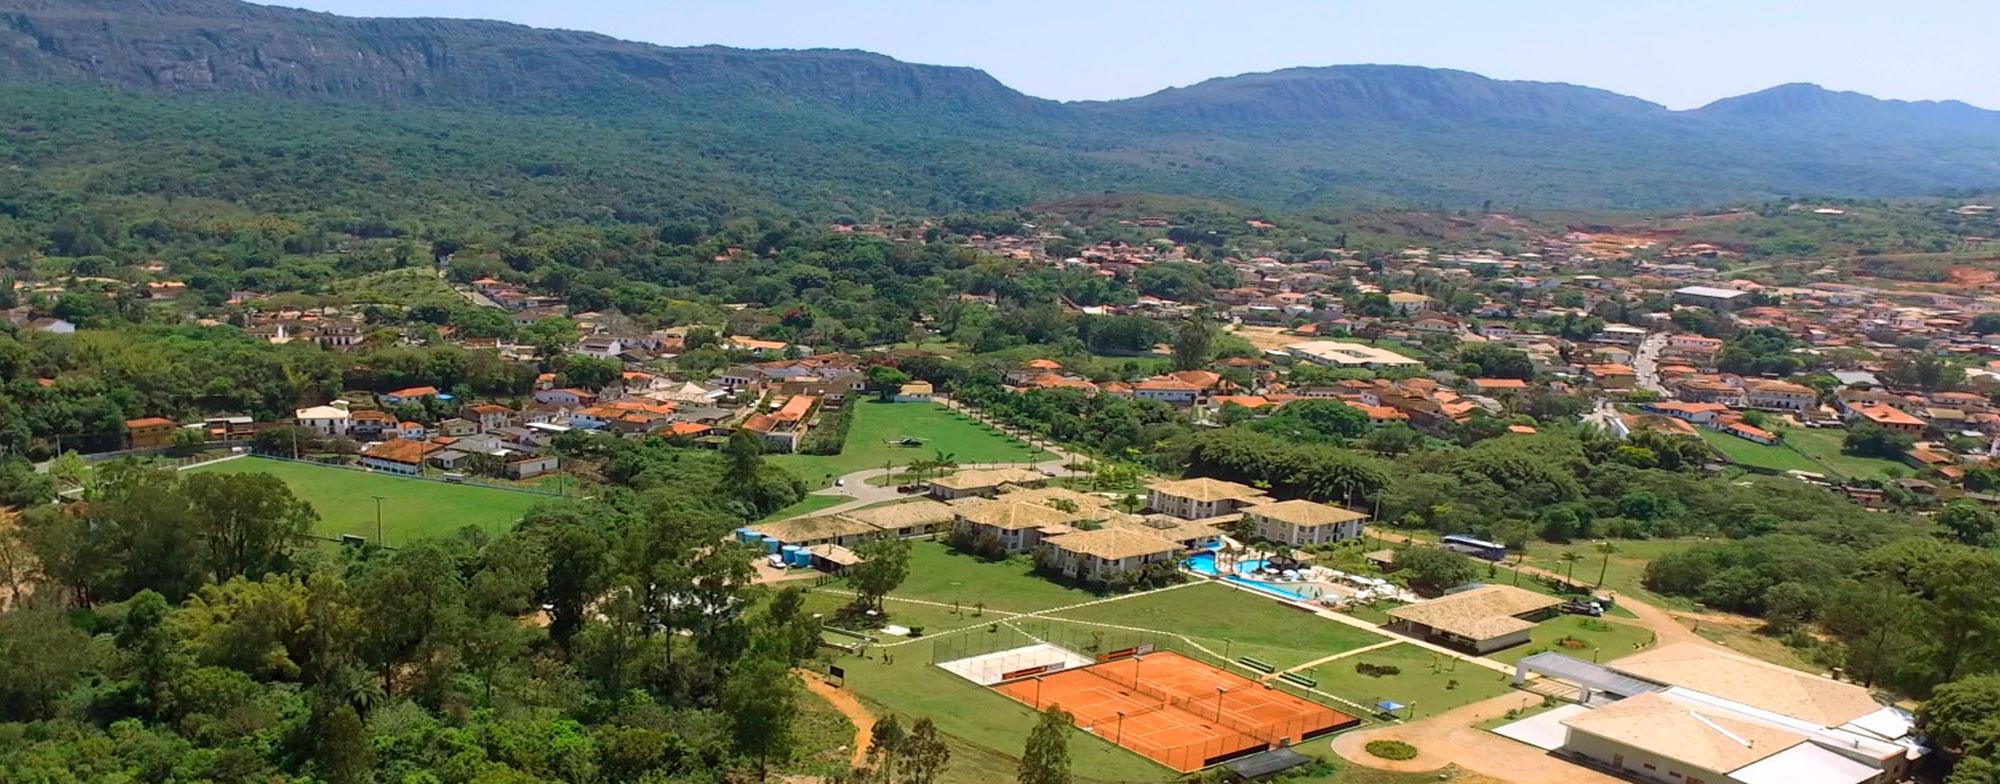 home15_santissimo-resort_tiradentes_minas-gerais